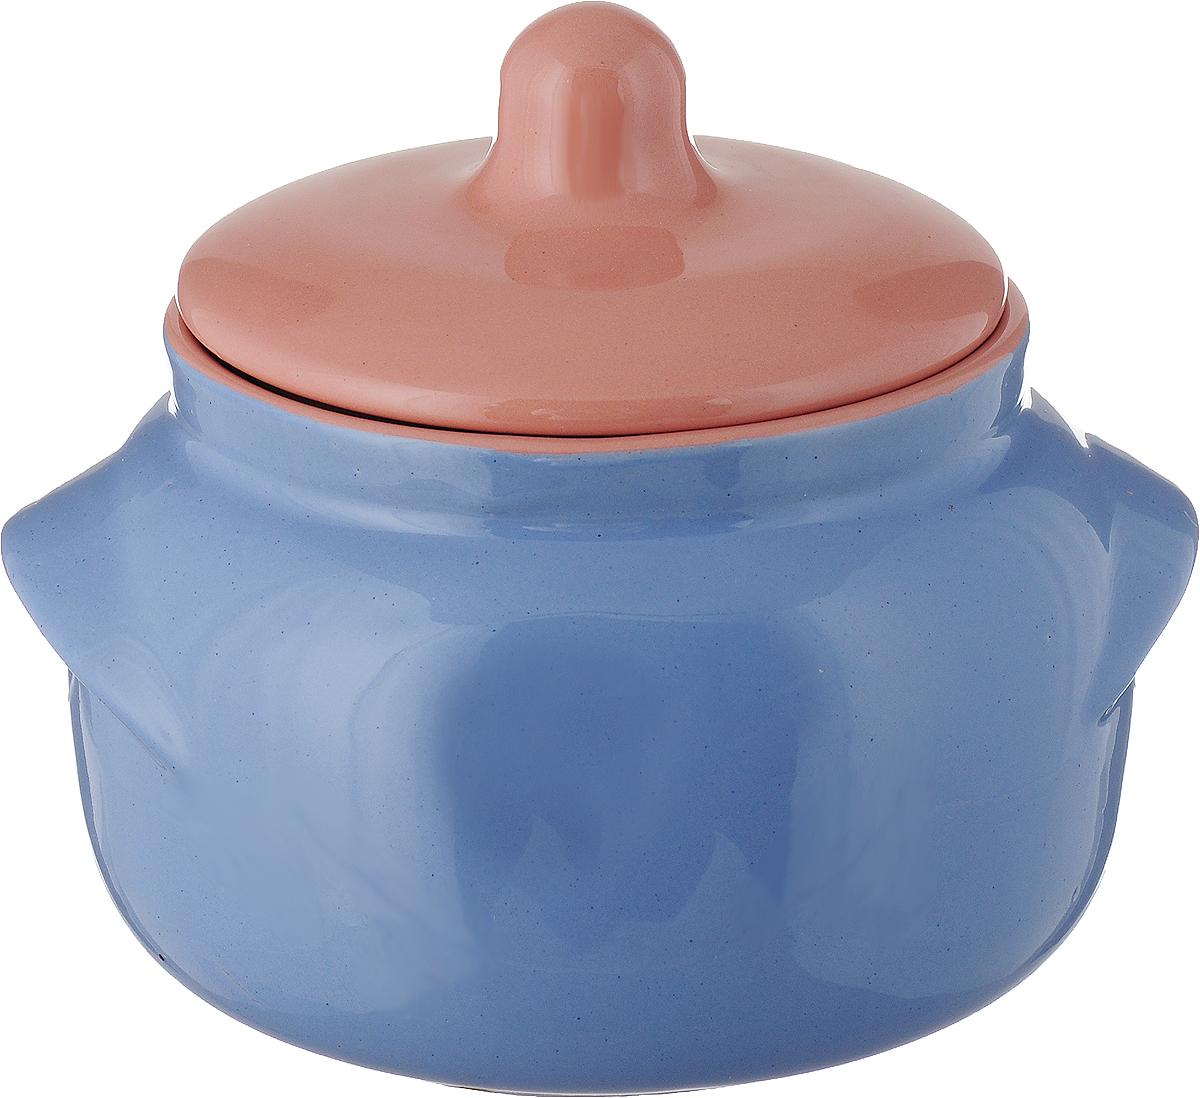 Горшочек для запекания Борисовская керамика Новарусса, цвет: голубой, розовый, 500 мл набор горшочков для запекания борисовская керамика новарусса 4 шт